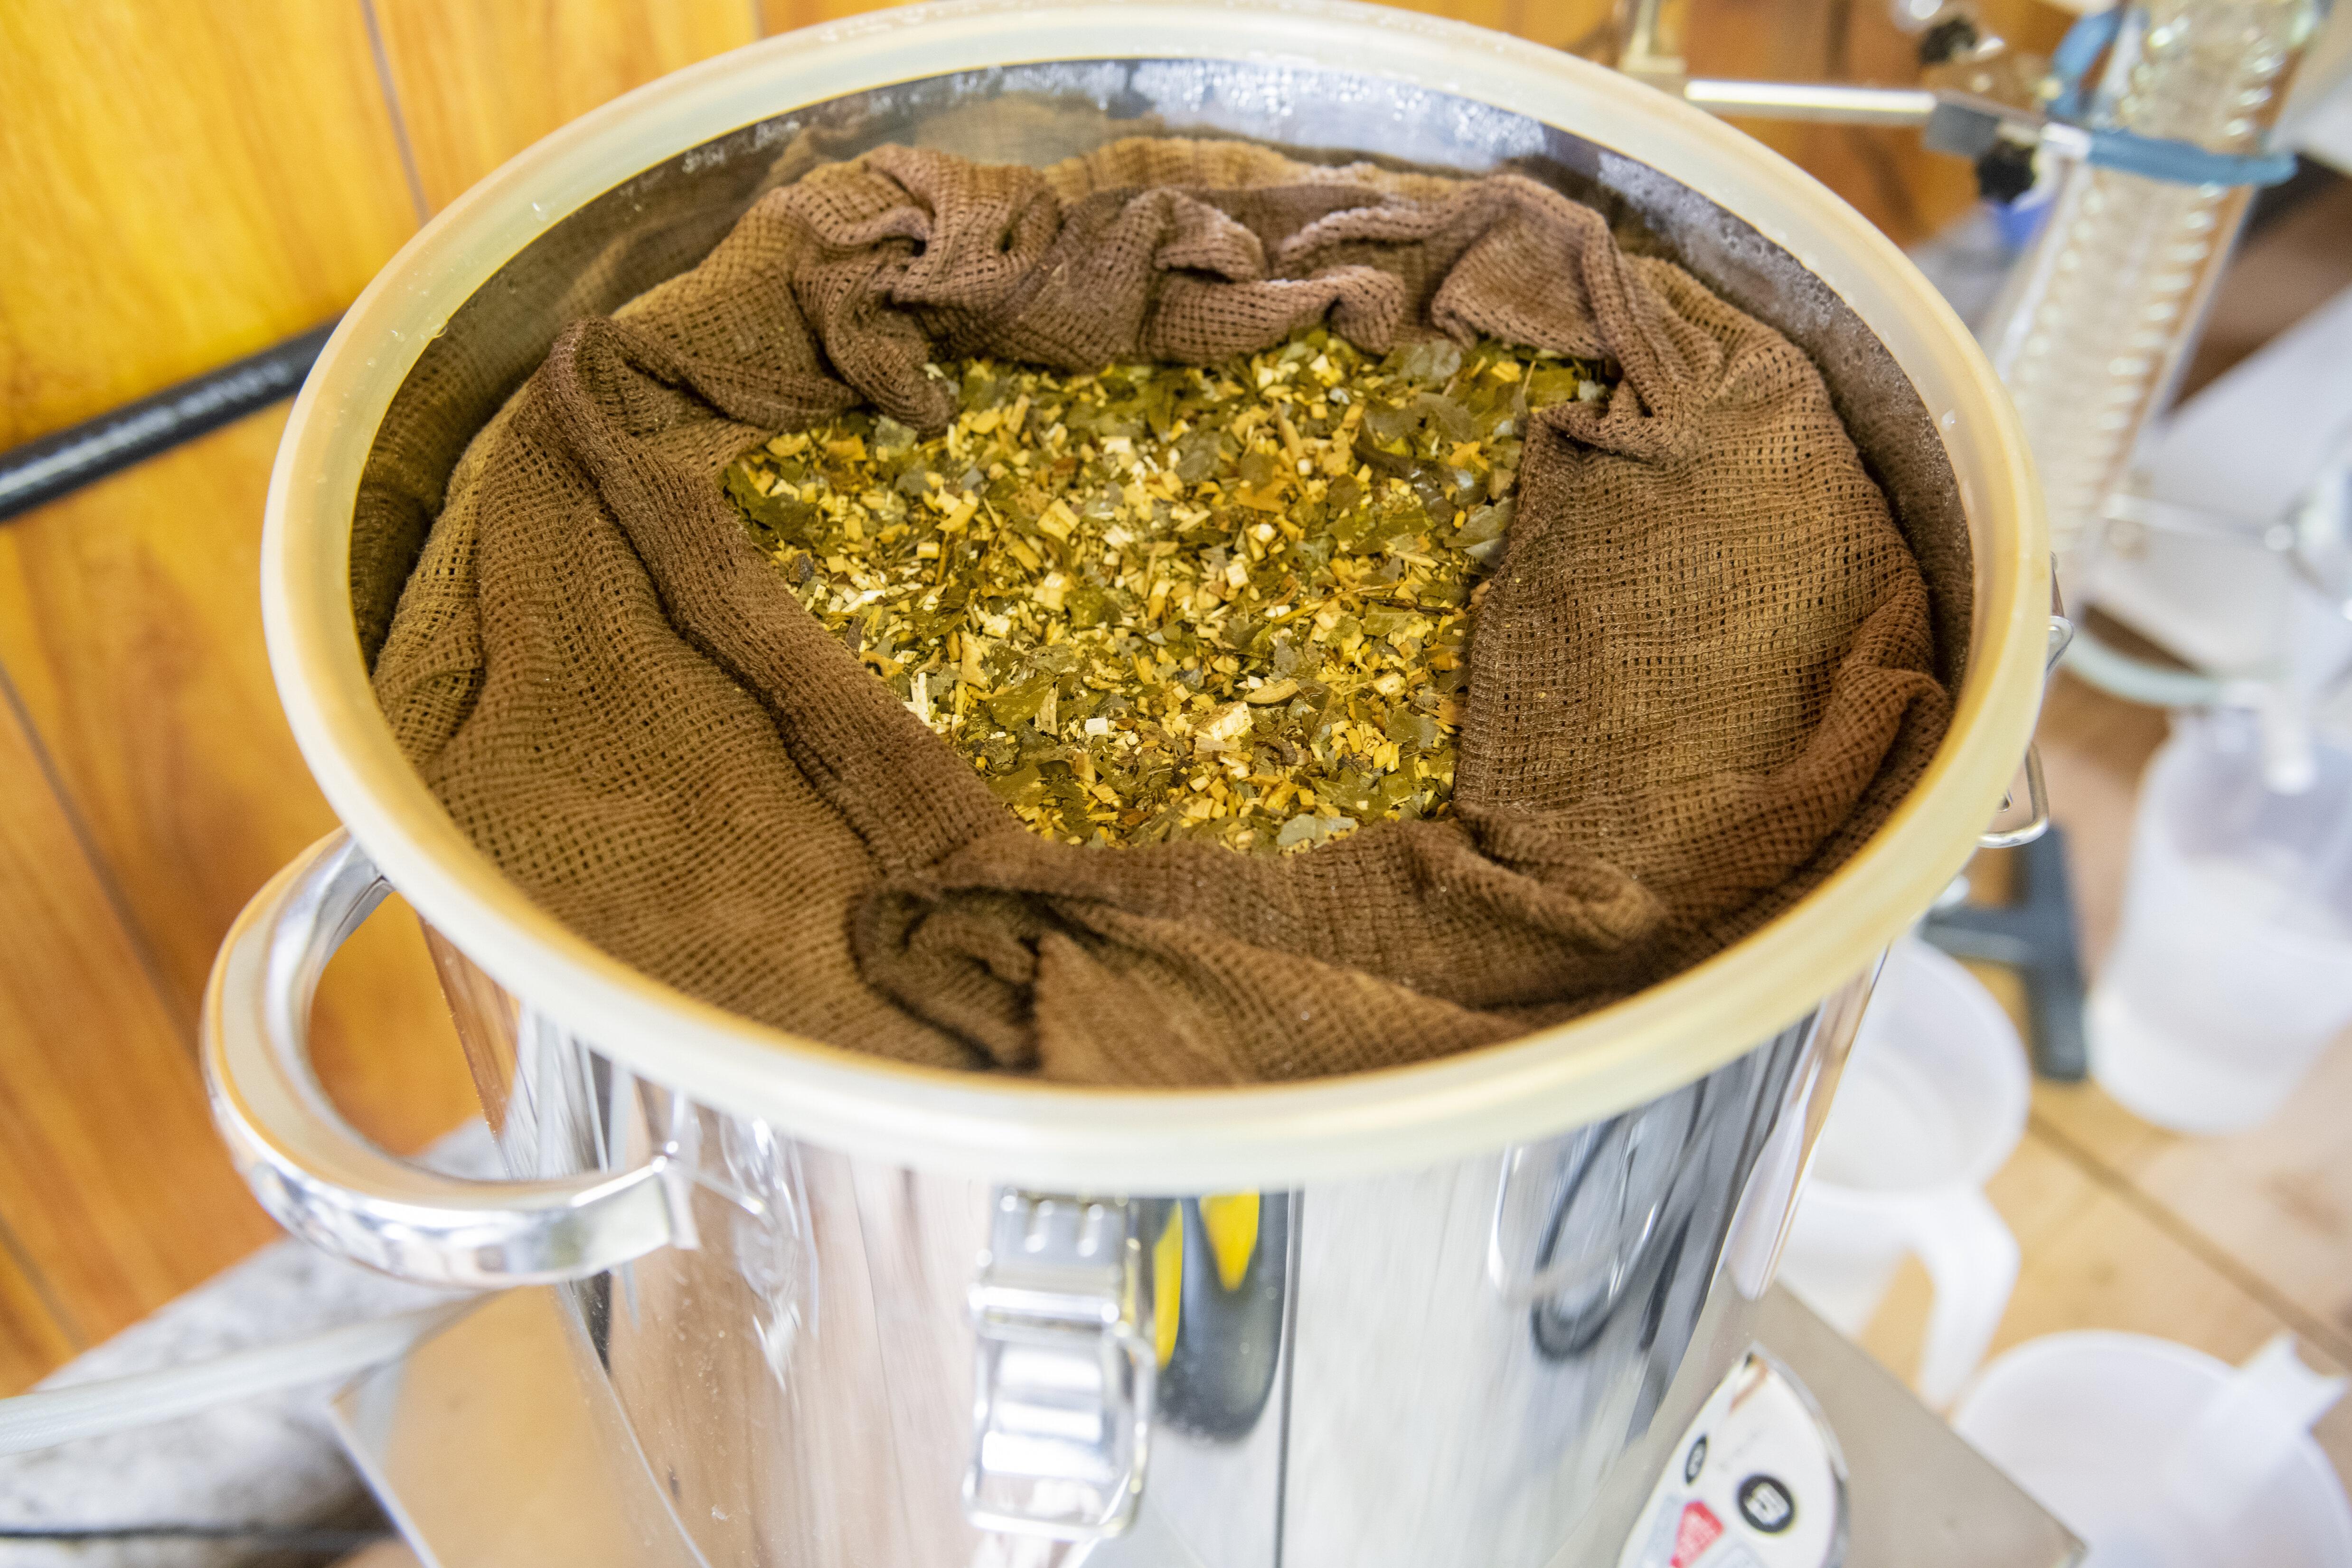 クロモジ精油を採った後のチップは「サシェ」として活用.jpg